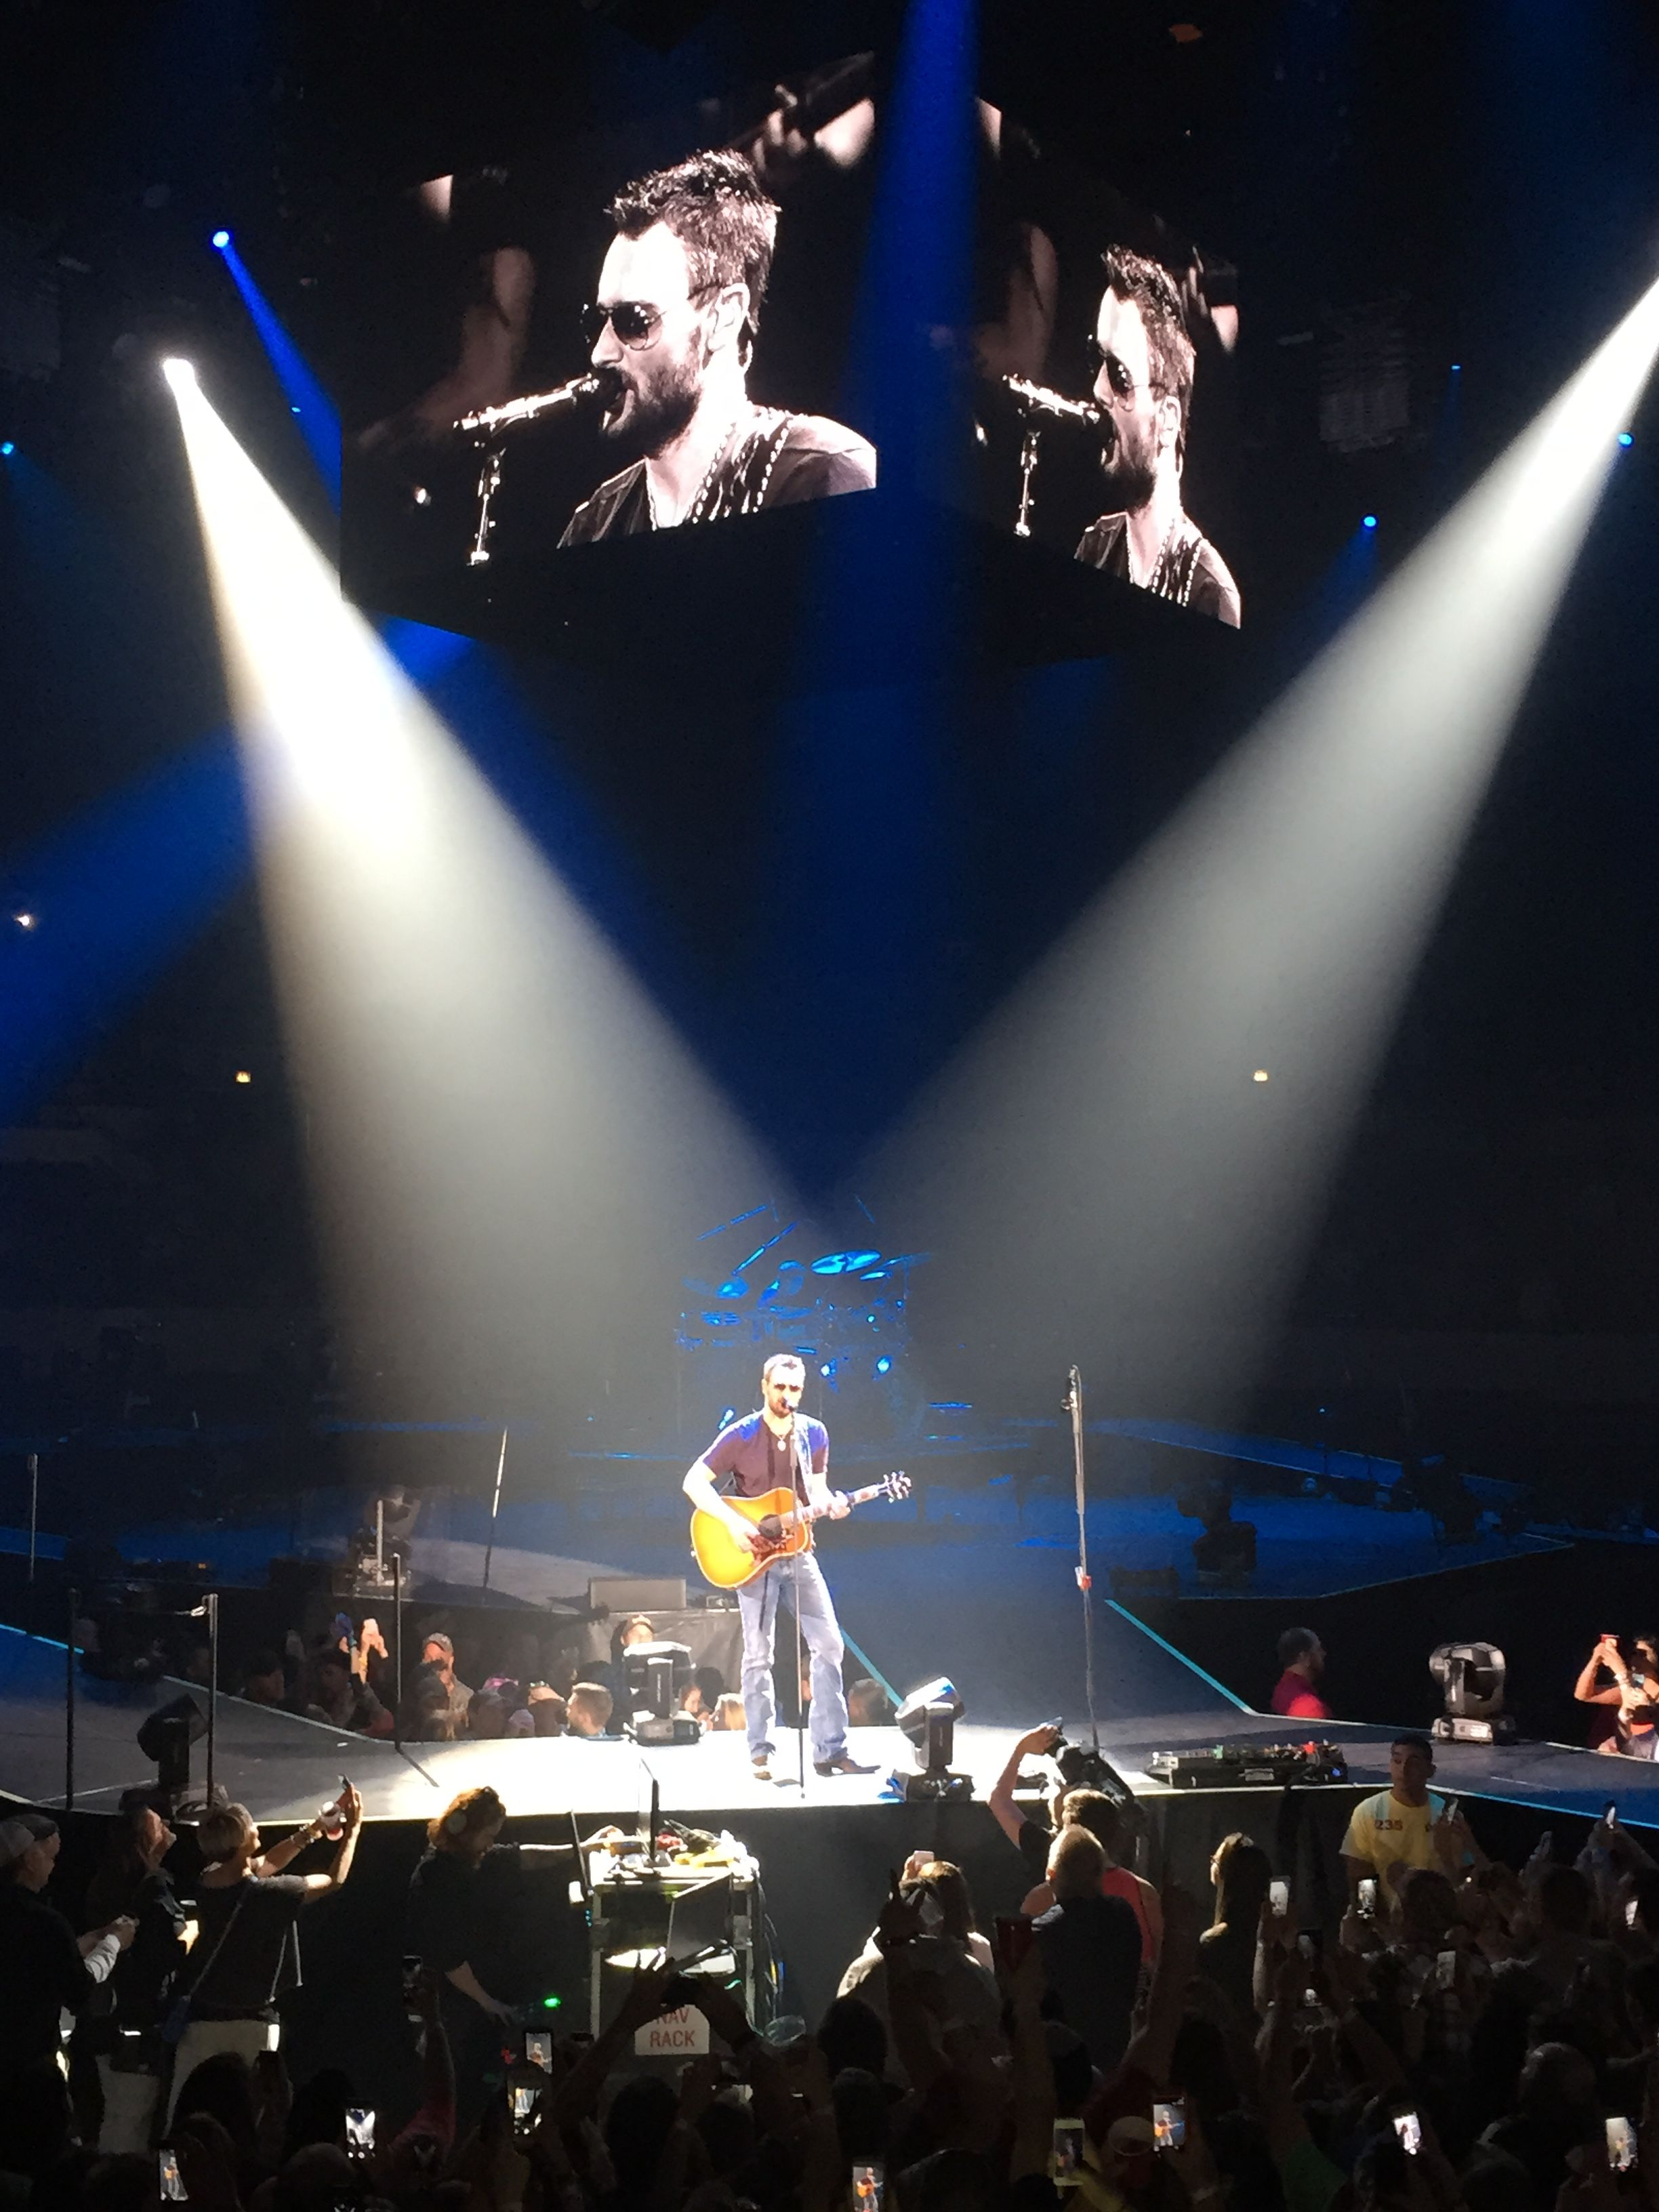 #EricChurch live at Hampton Coliseum Virginia 4/24/15